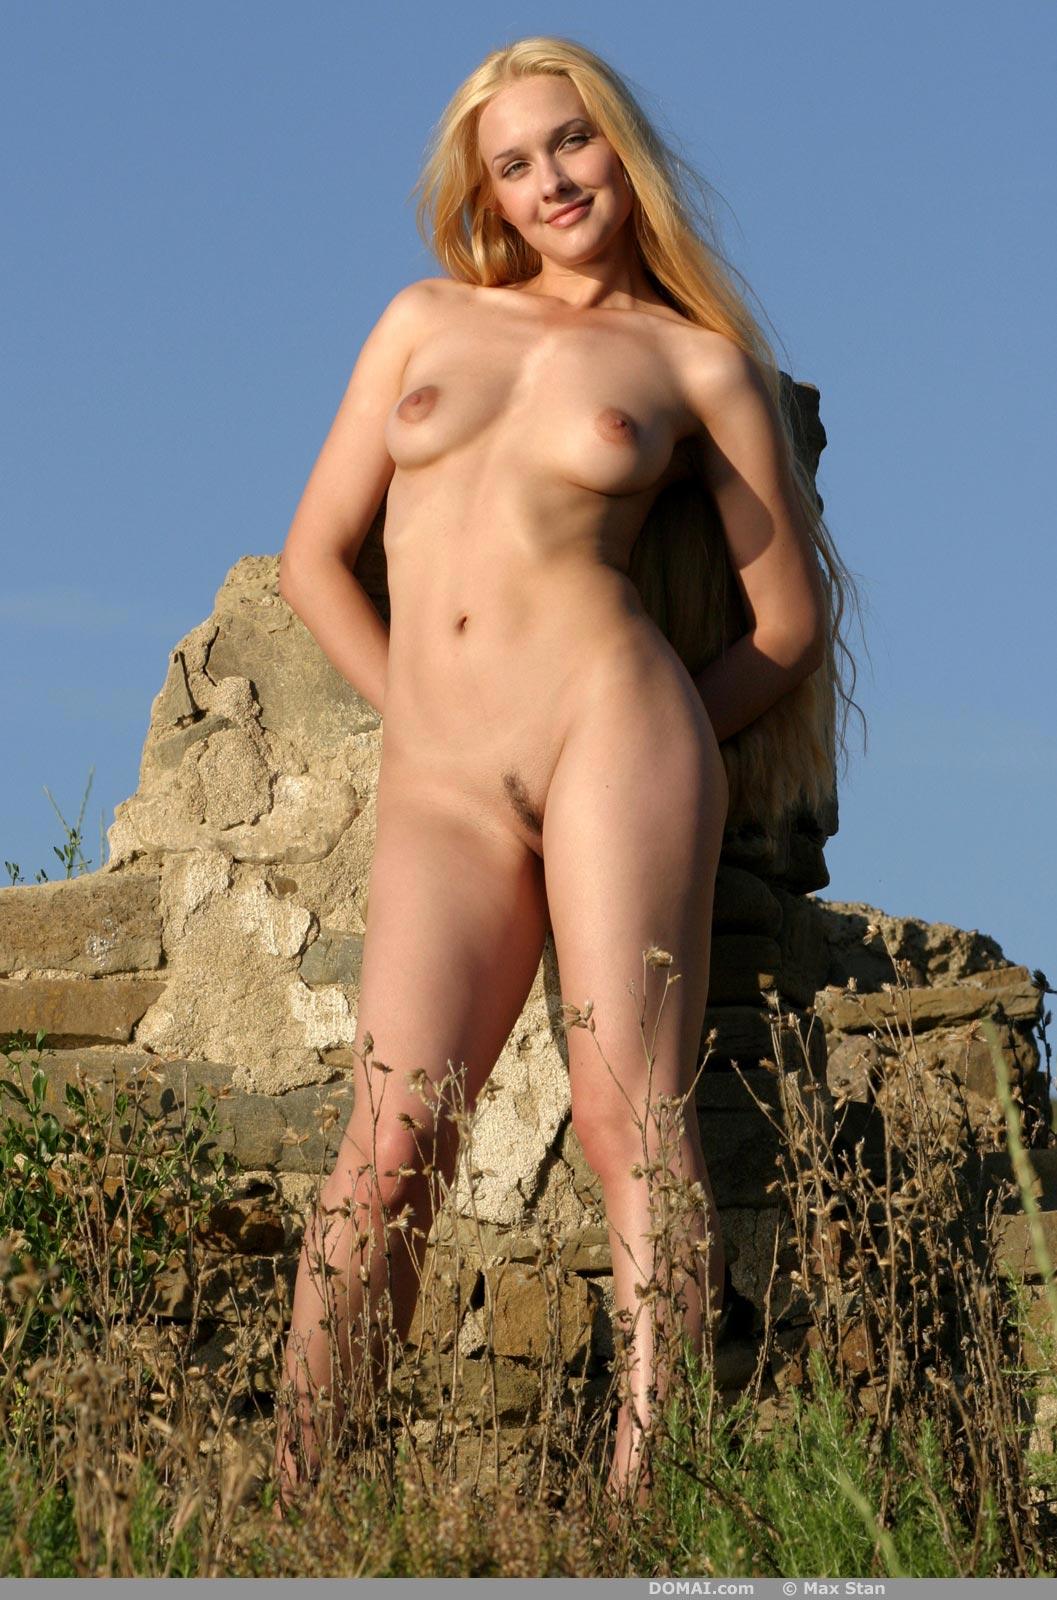 sunny leone porn star sexy video